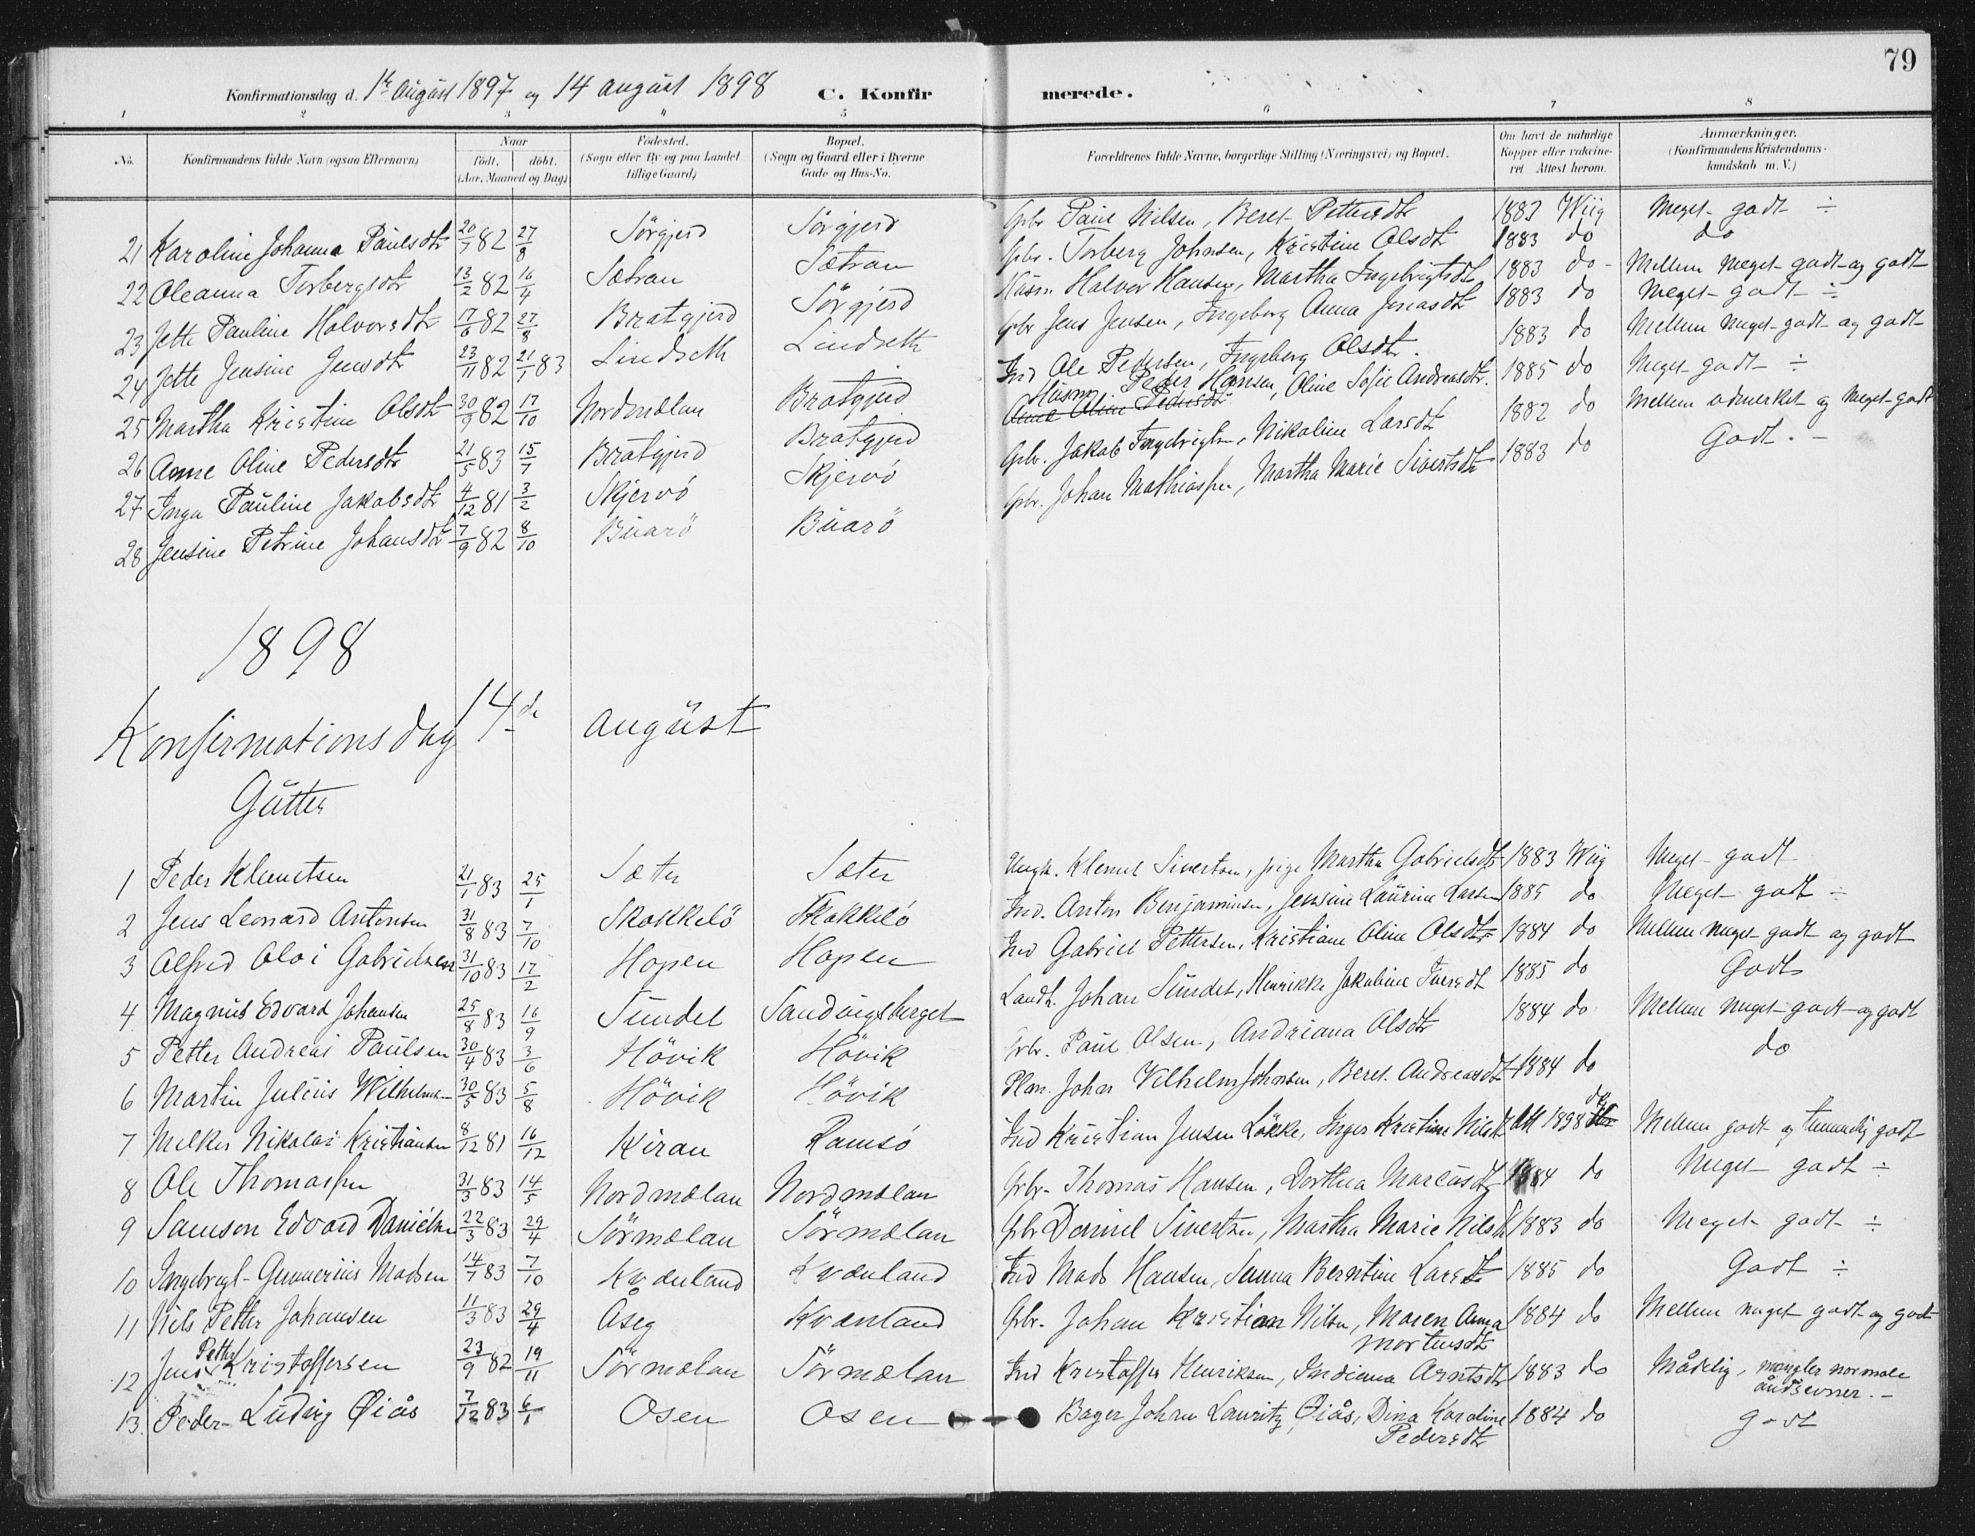 SAT, Ministerialprotokoller, klokkerbøker og fødselsregistre - Sør-Trøndelag, 658/L0723: Ministerialbok nr. 658A02, 1897-1912, s. 79